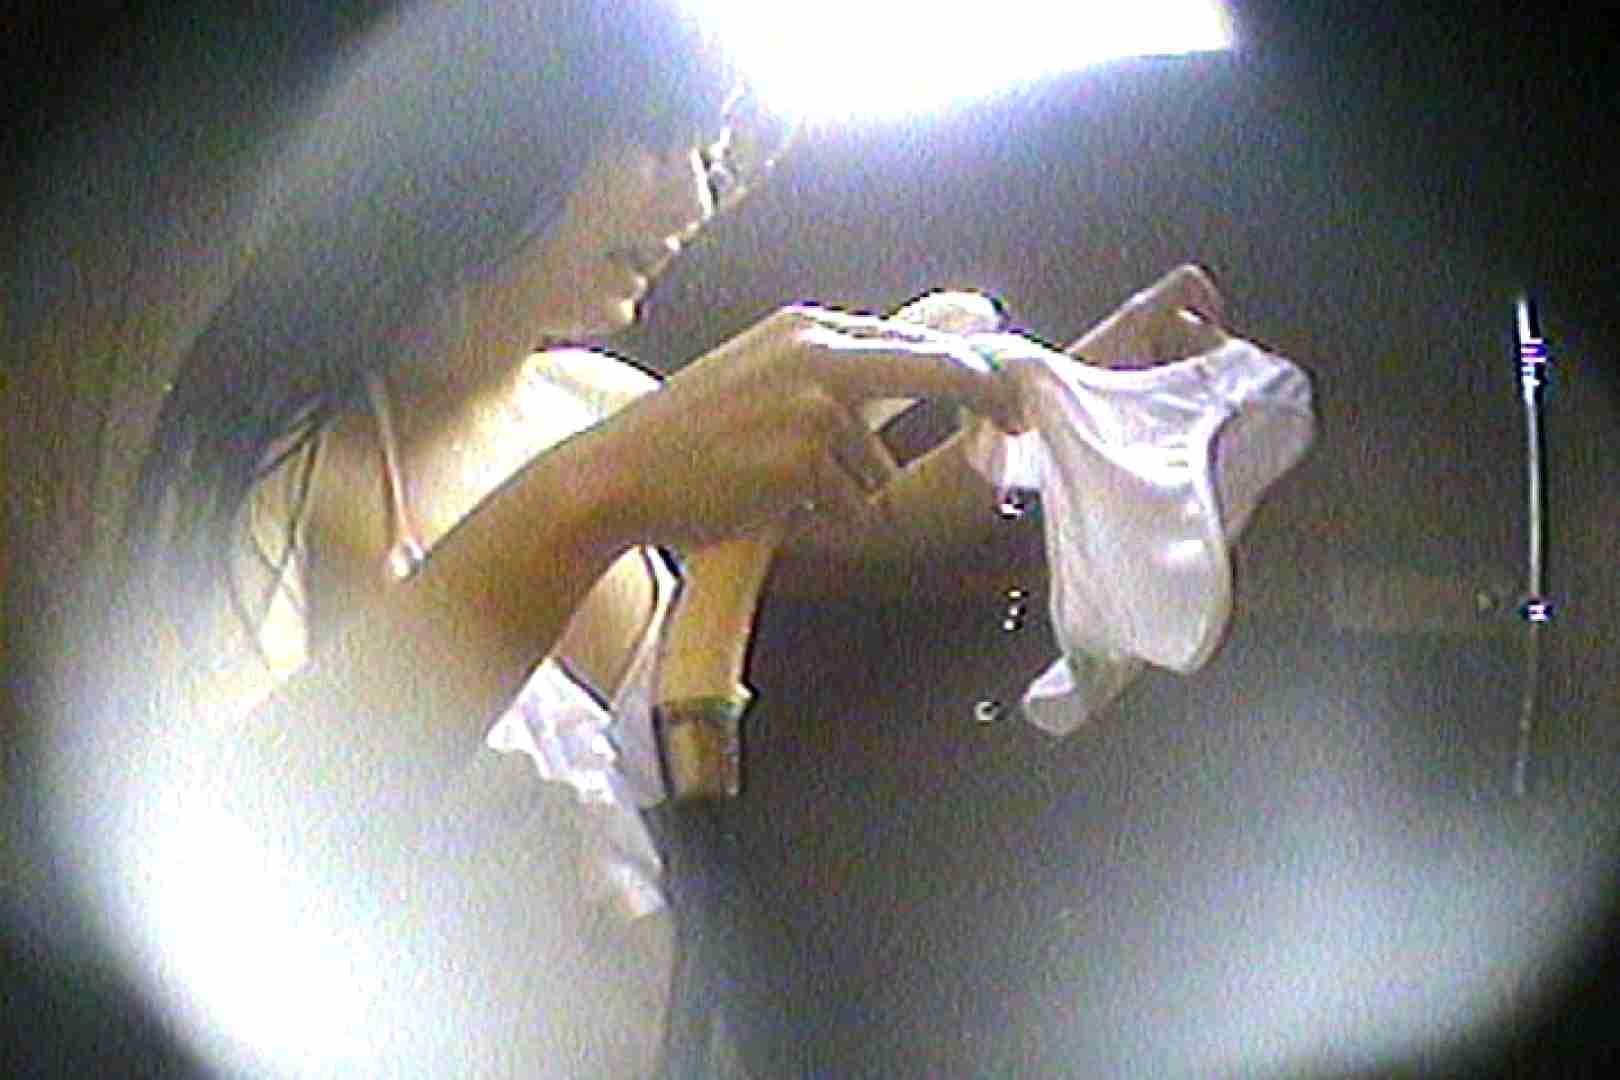 海の家の更衣室 Vol.61 美女達のヌード   シャワー中  54連発 24